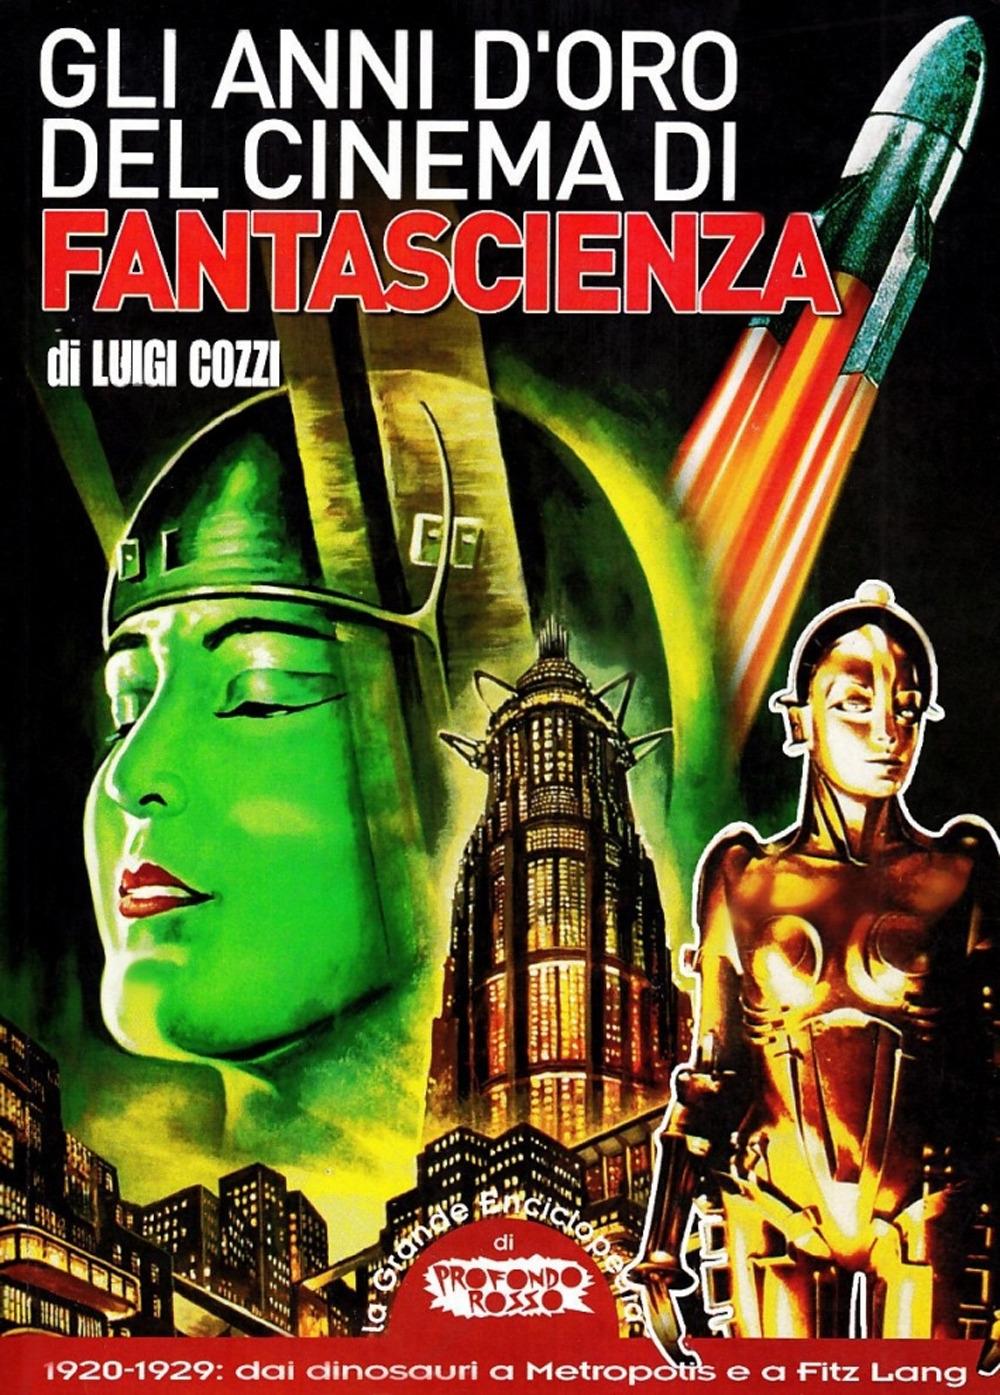 Gli anni d'oro del cinema di fantascienza. 1920-1929. Dai dinosauri a Metropolis e a Fritz Lang.